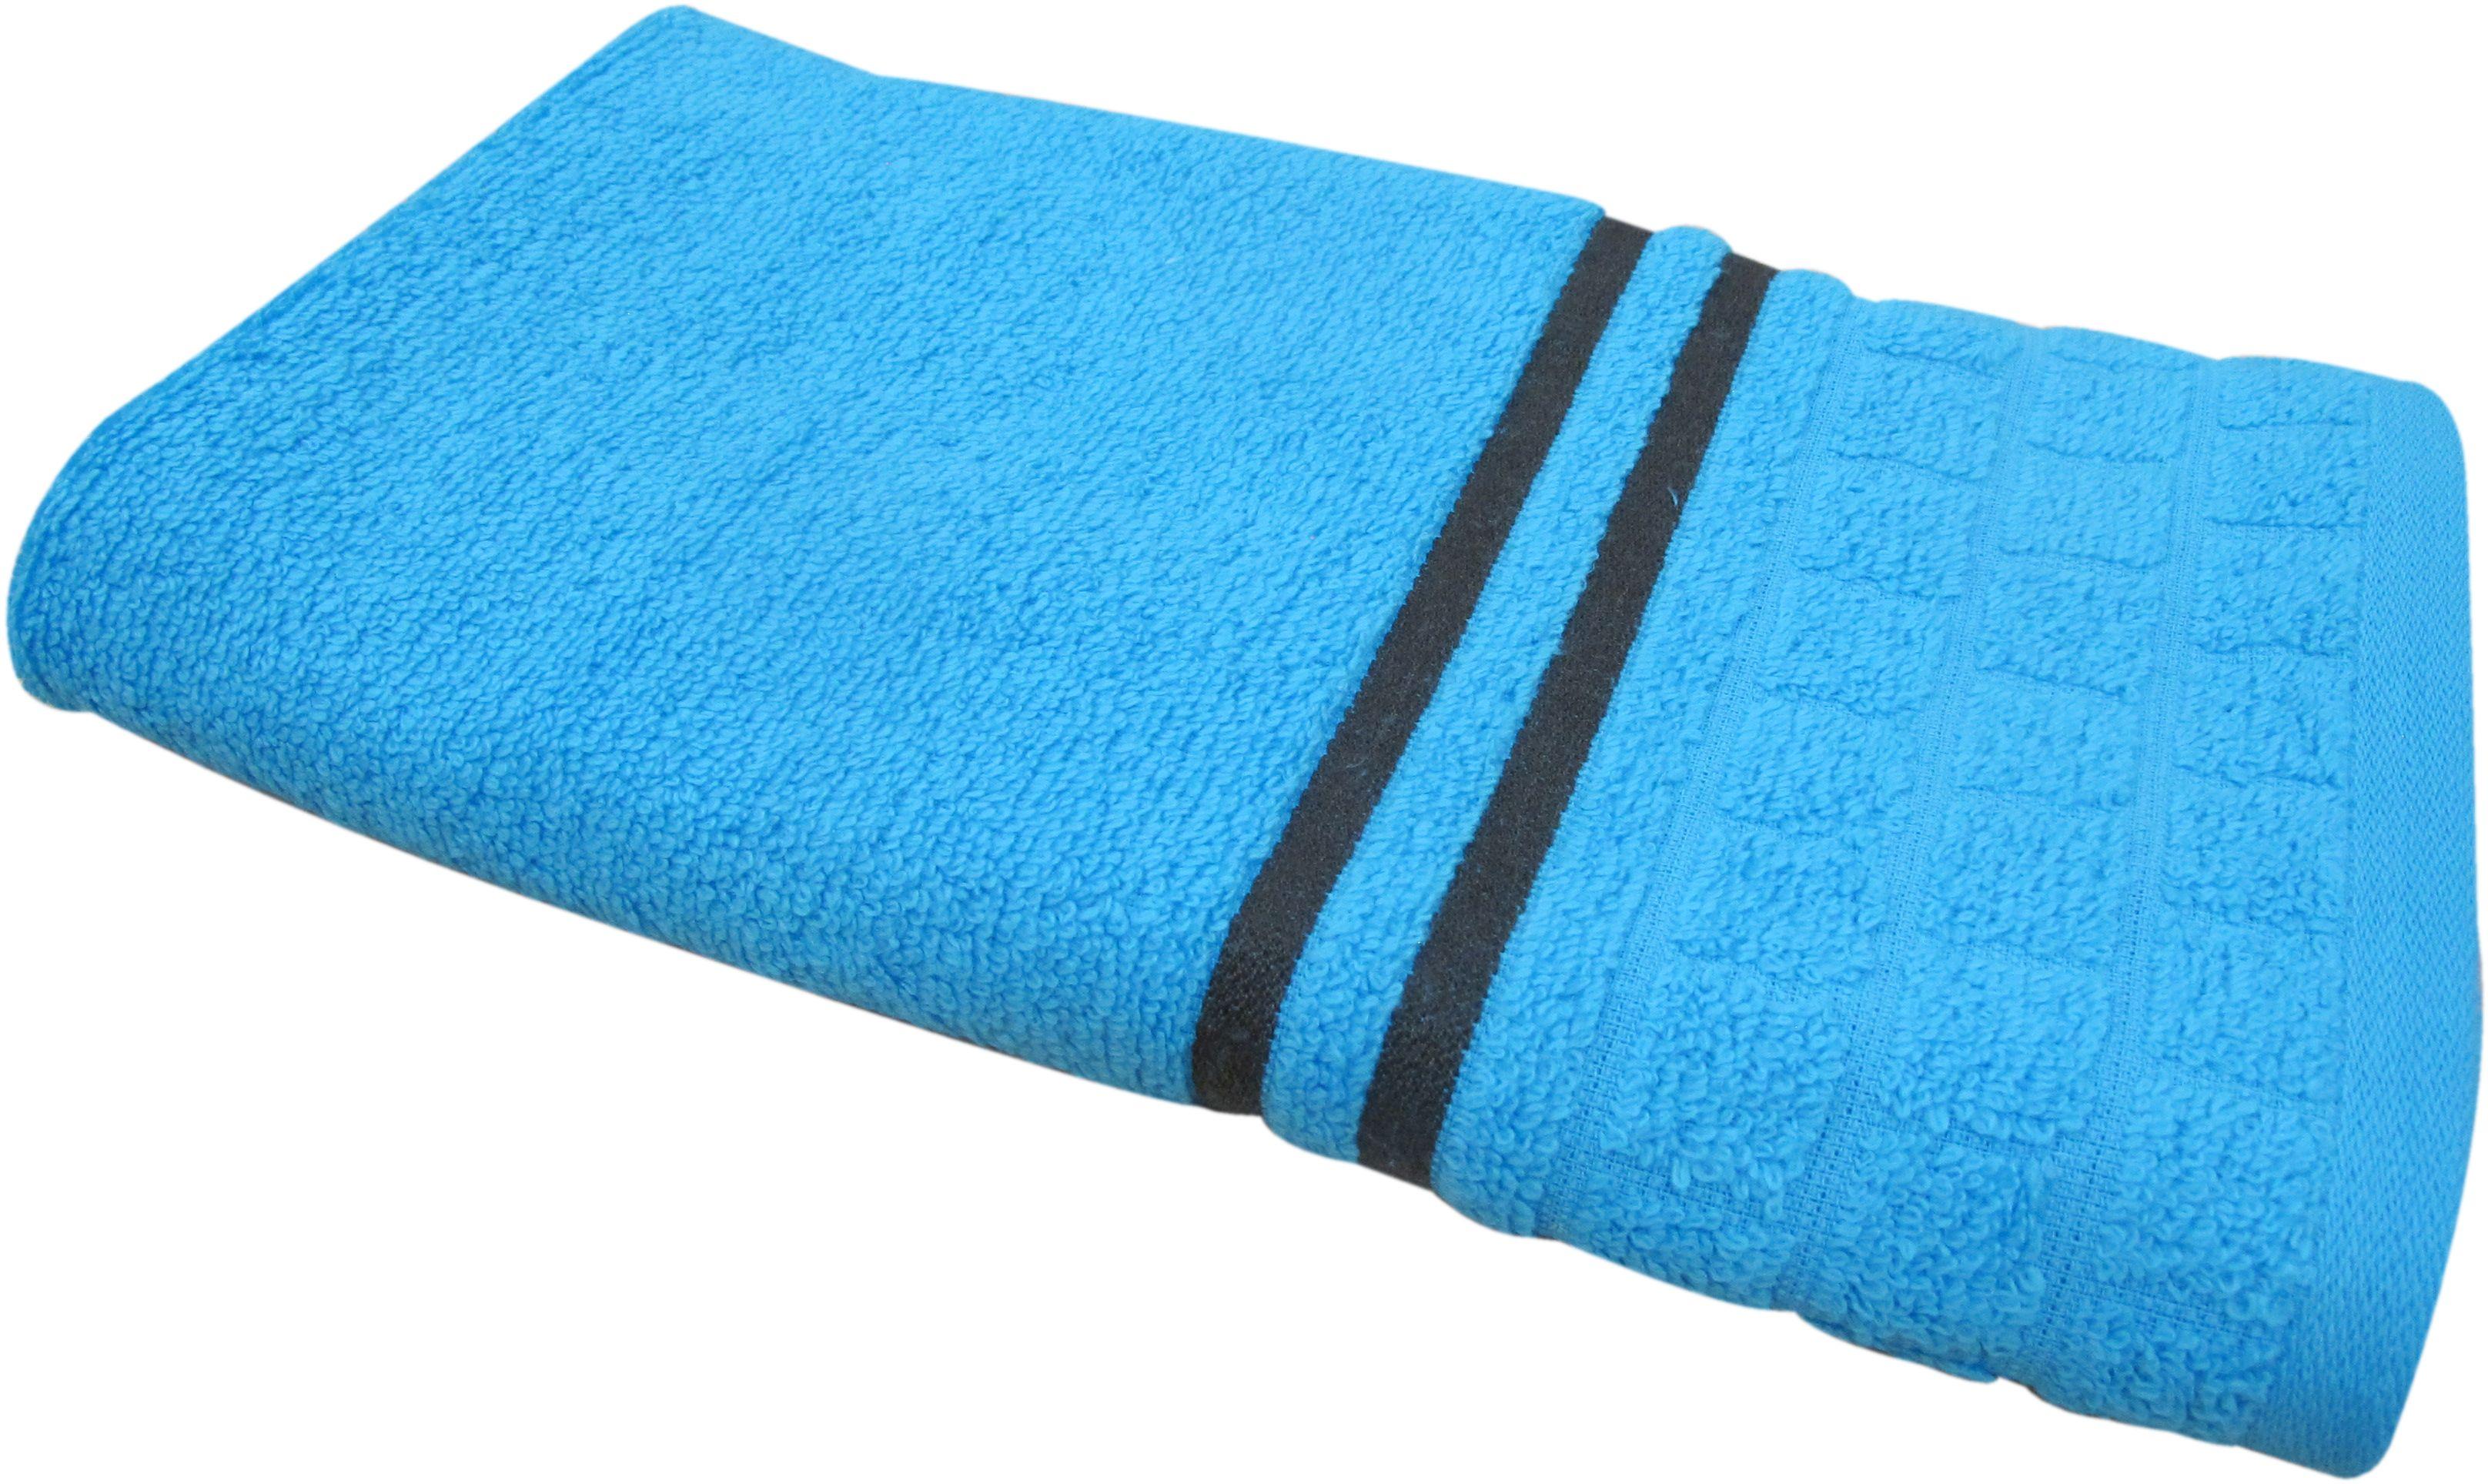 Полотенце махровое Bravo Лана, цвет: синий, 50 х 90 см84550Полотенце Лана выполнено из натуральной махровой ткани (100% хлопок). Изделие отлично впитывает влагу, быстро сохнет, сохраняет яркость цвета и не теряет форму даже после многократных стирок. Полотенце очень практично и неприхотливо в уходе. Оно создаст прекрасное настроение и украсит интерьер в ванной комнате.